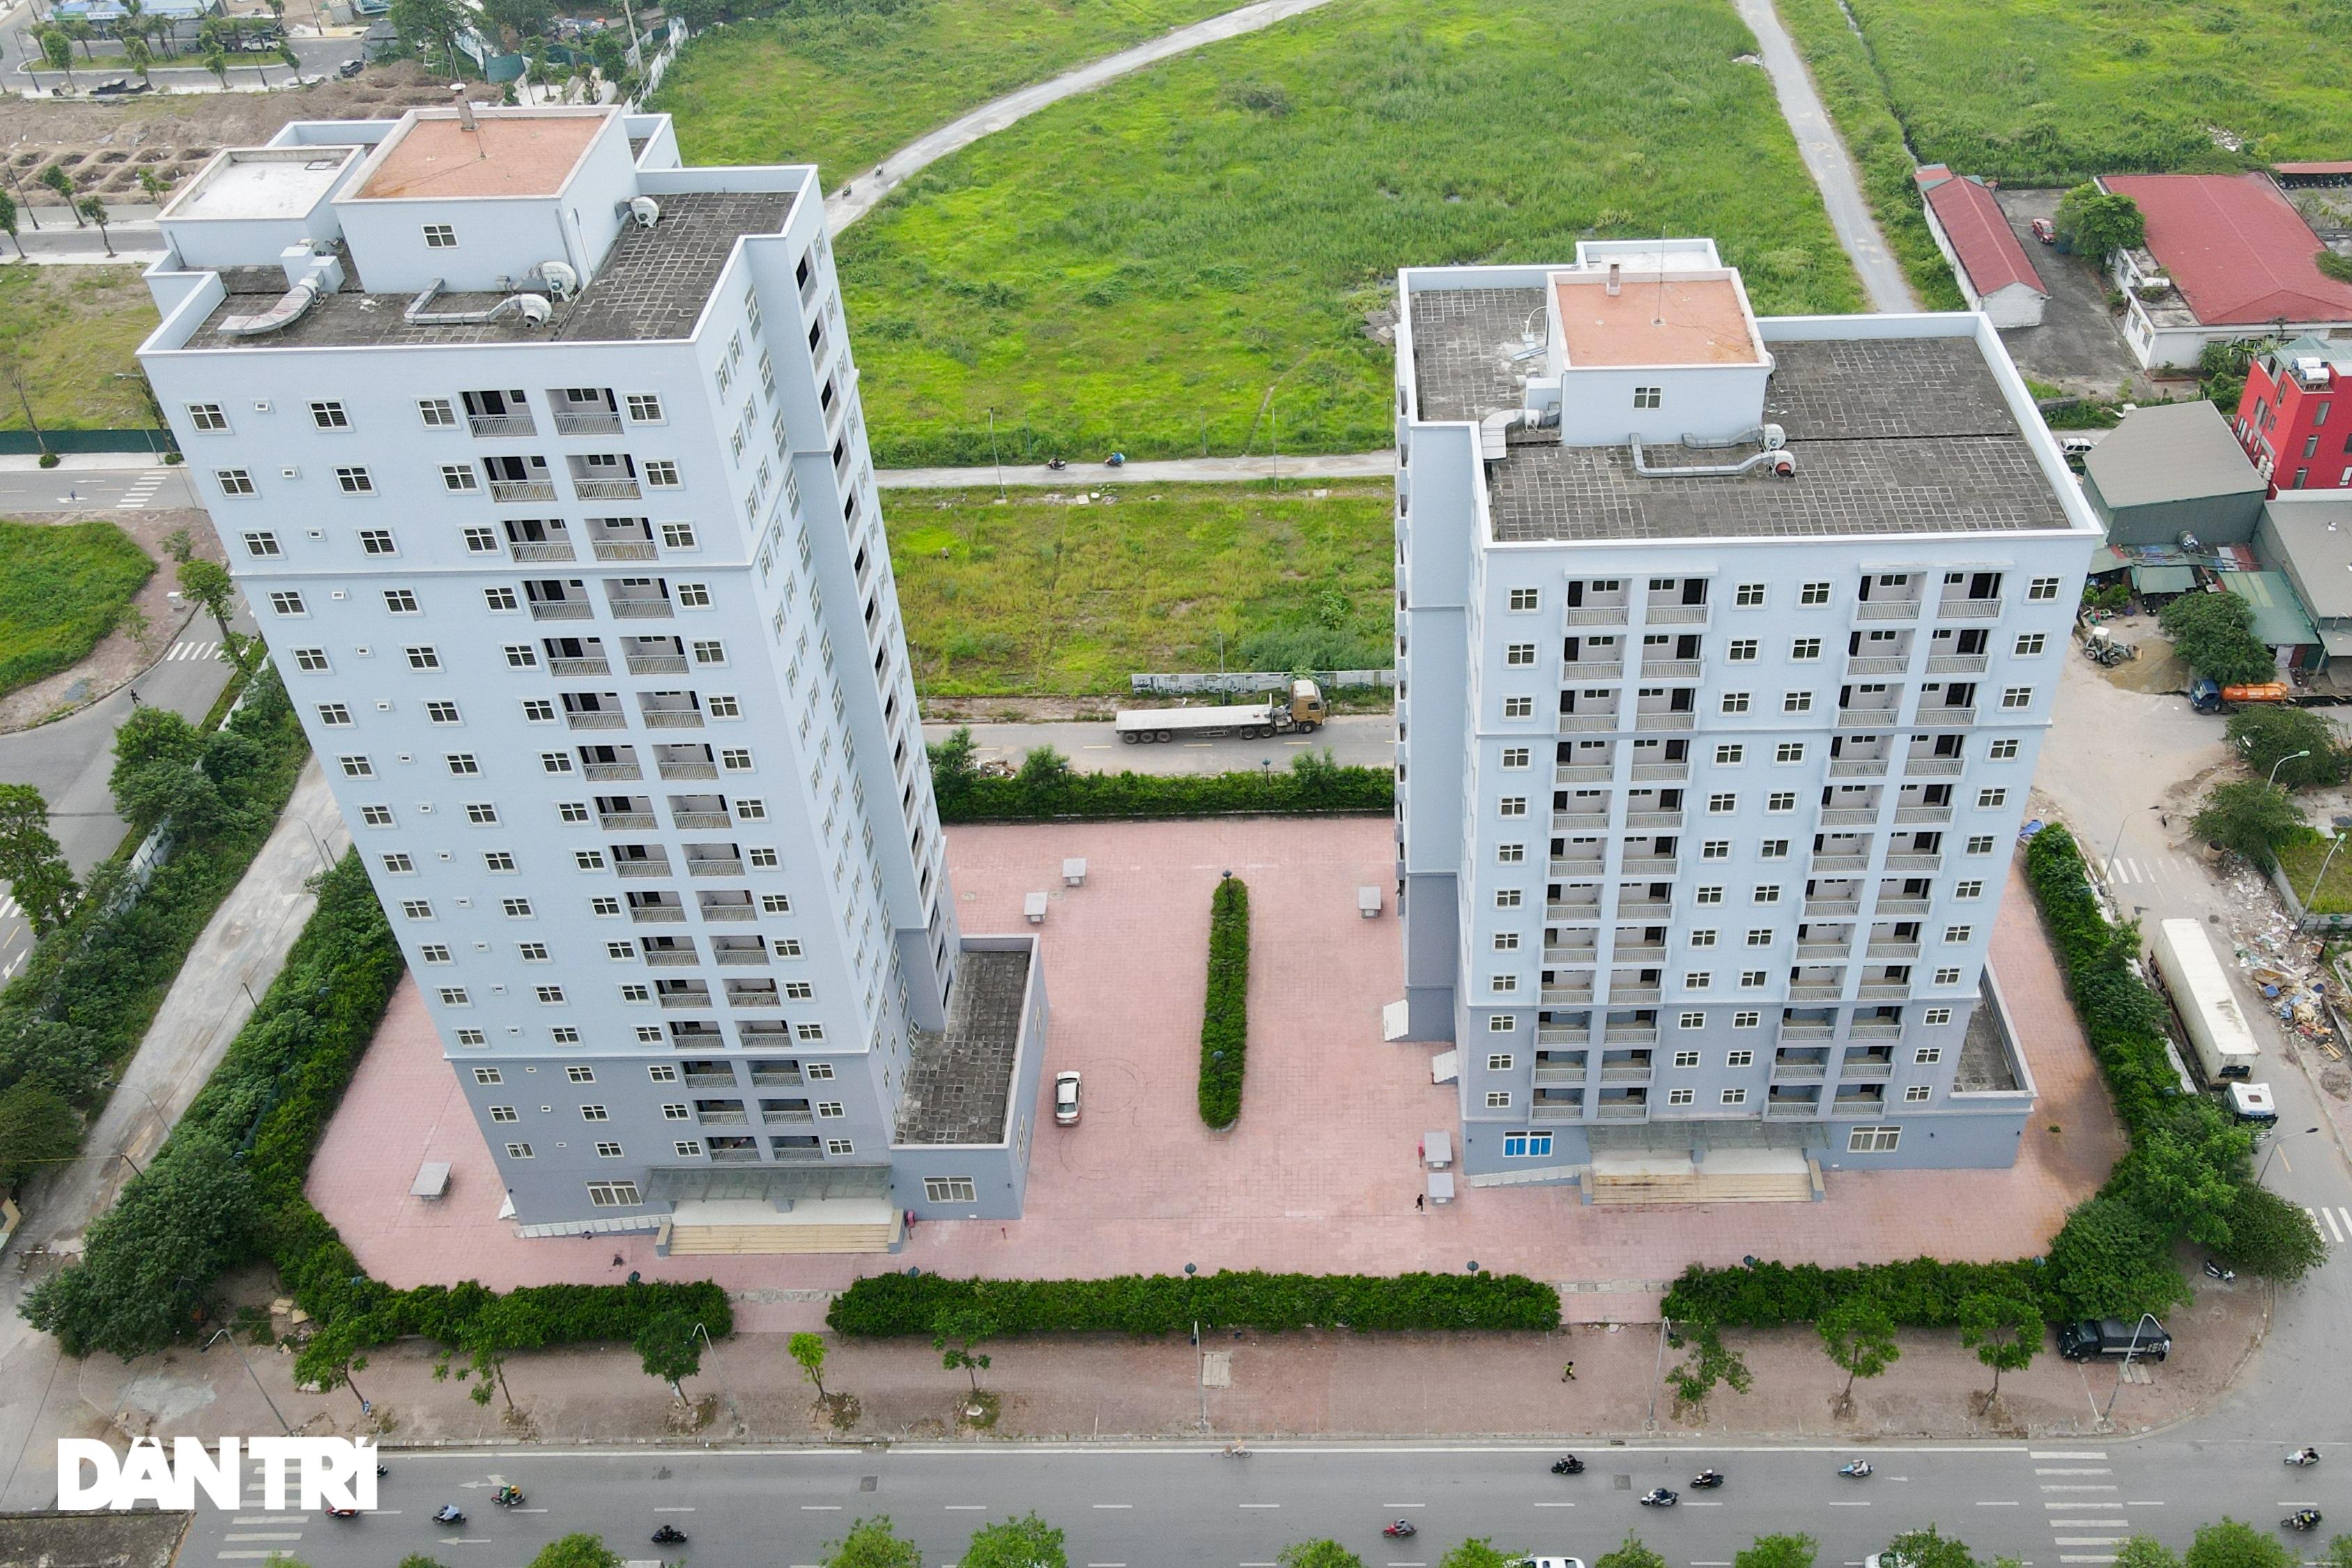 Xót xa hàng loạt khu chung cư cao tầng ở Hà Nội bị bỏ hoang nhiều năm - 2